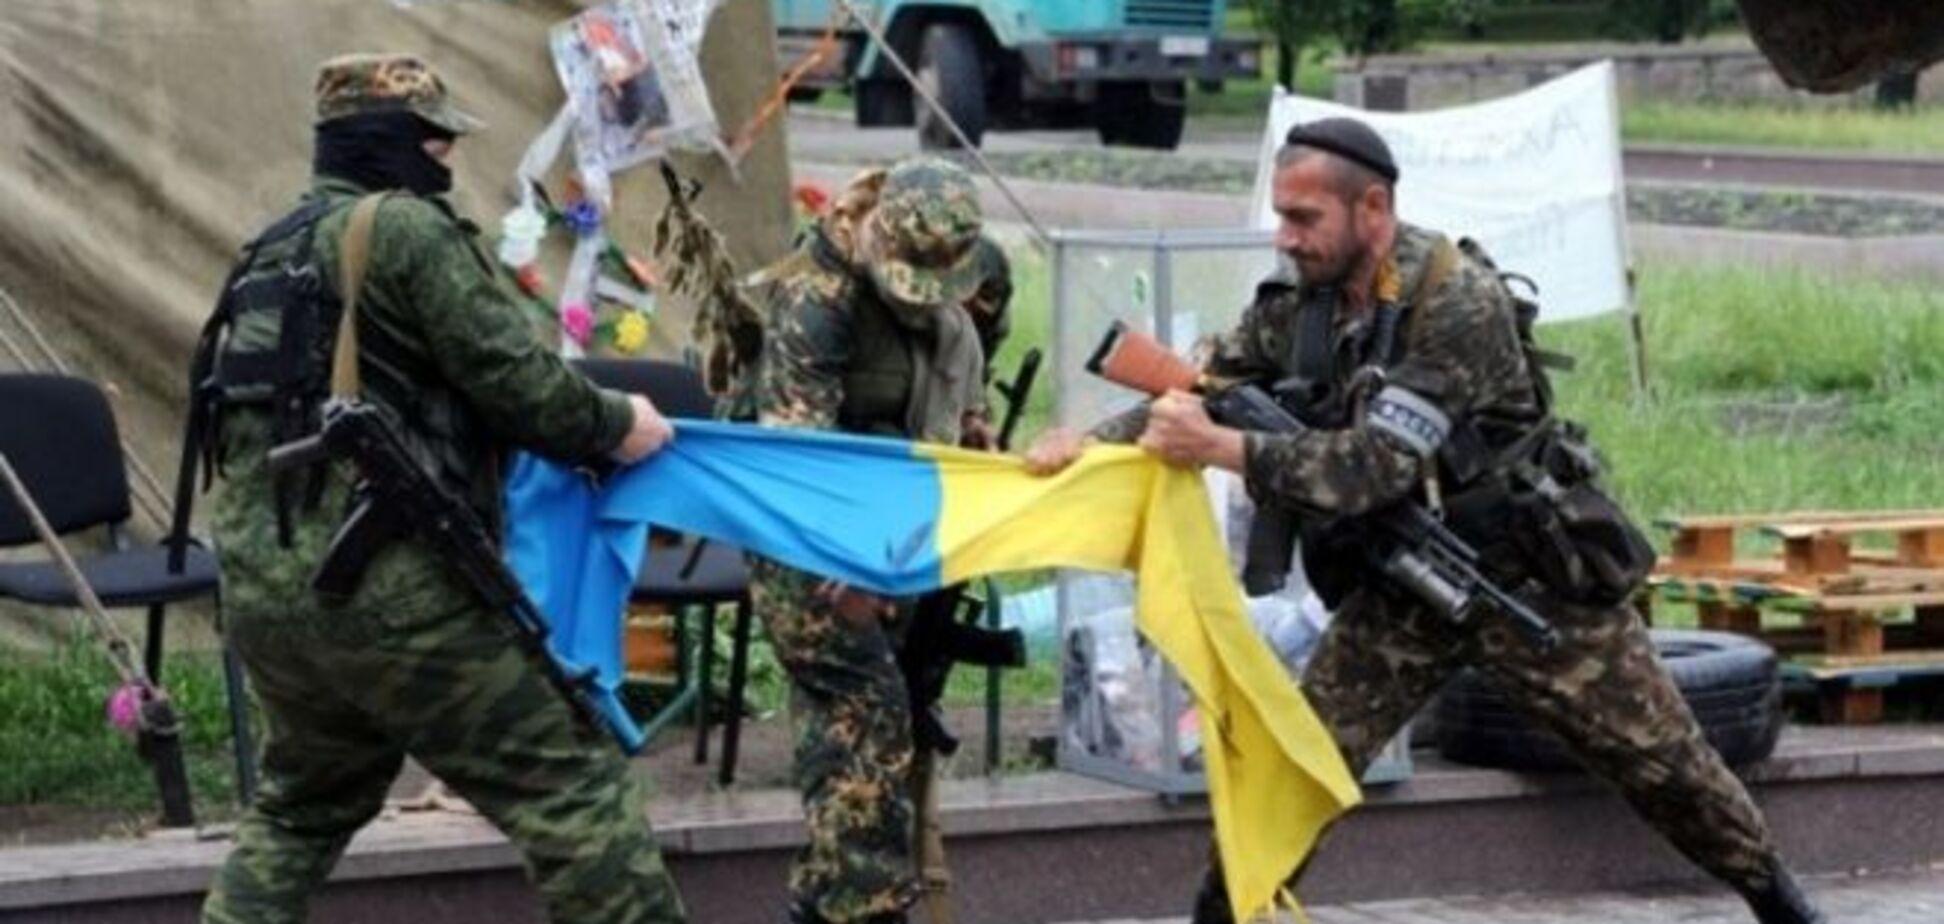 Террористы 'перевоспитывают' подростков в специальных лагерях